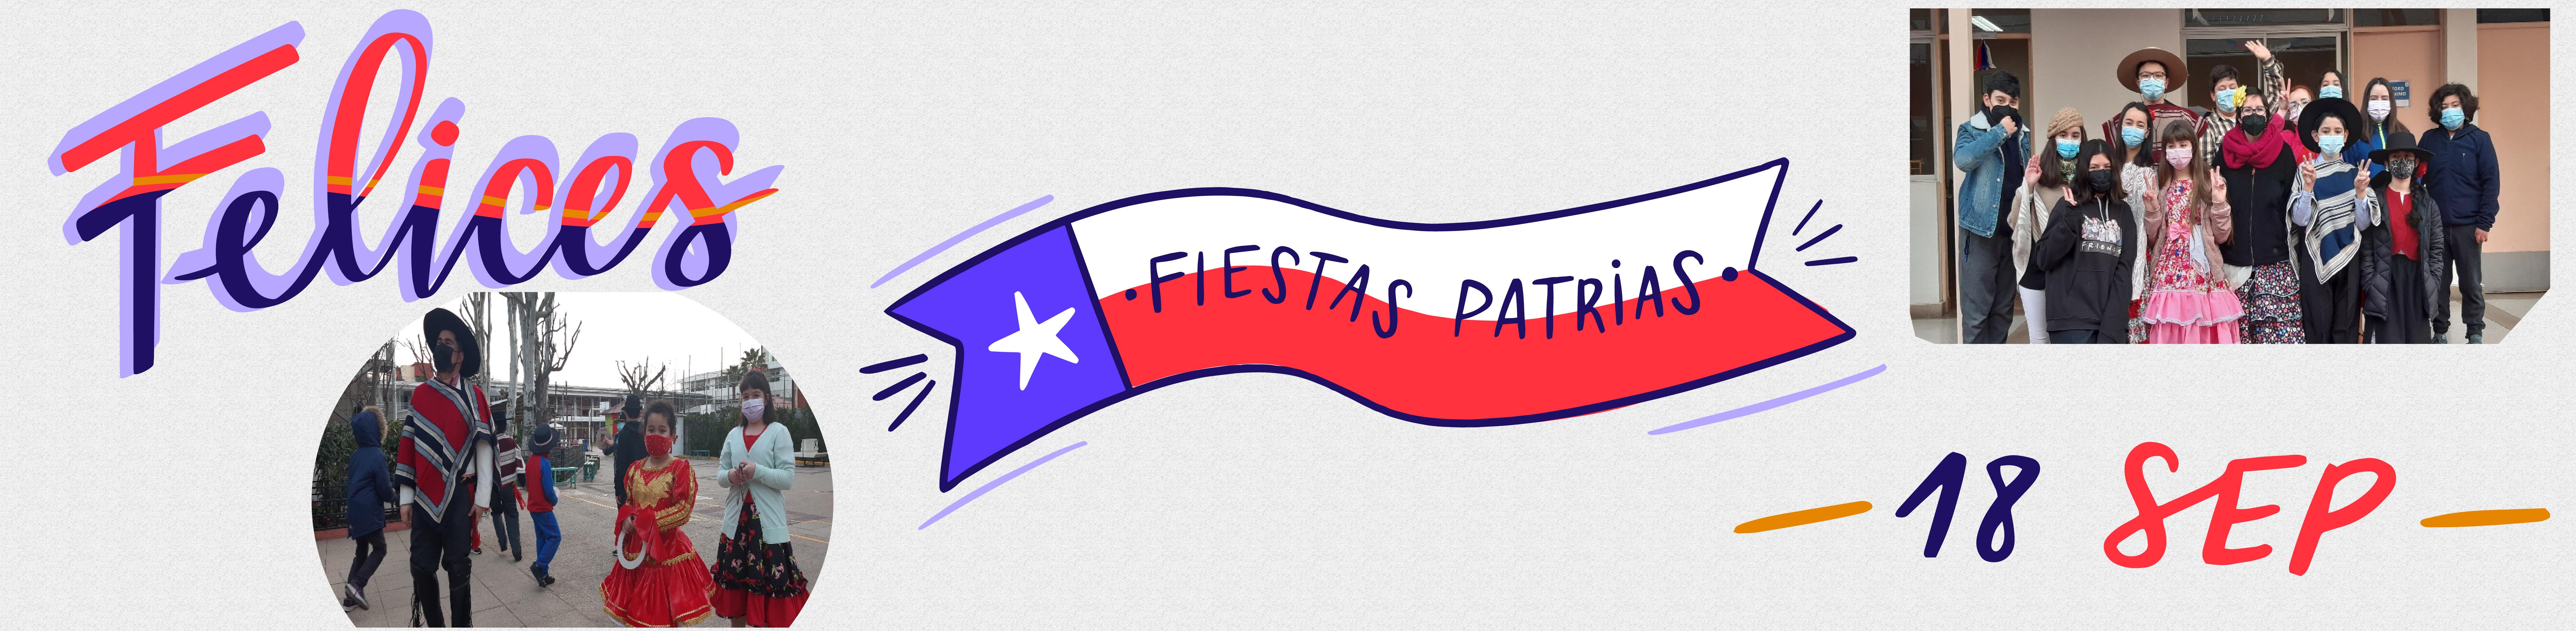 FIESTAS_PATRIAS